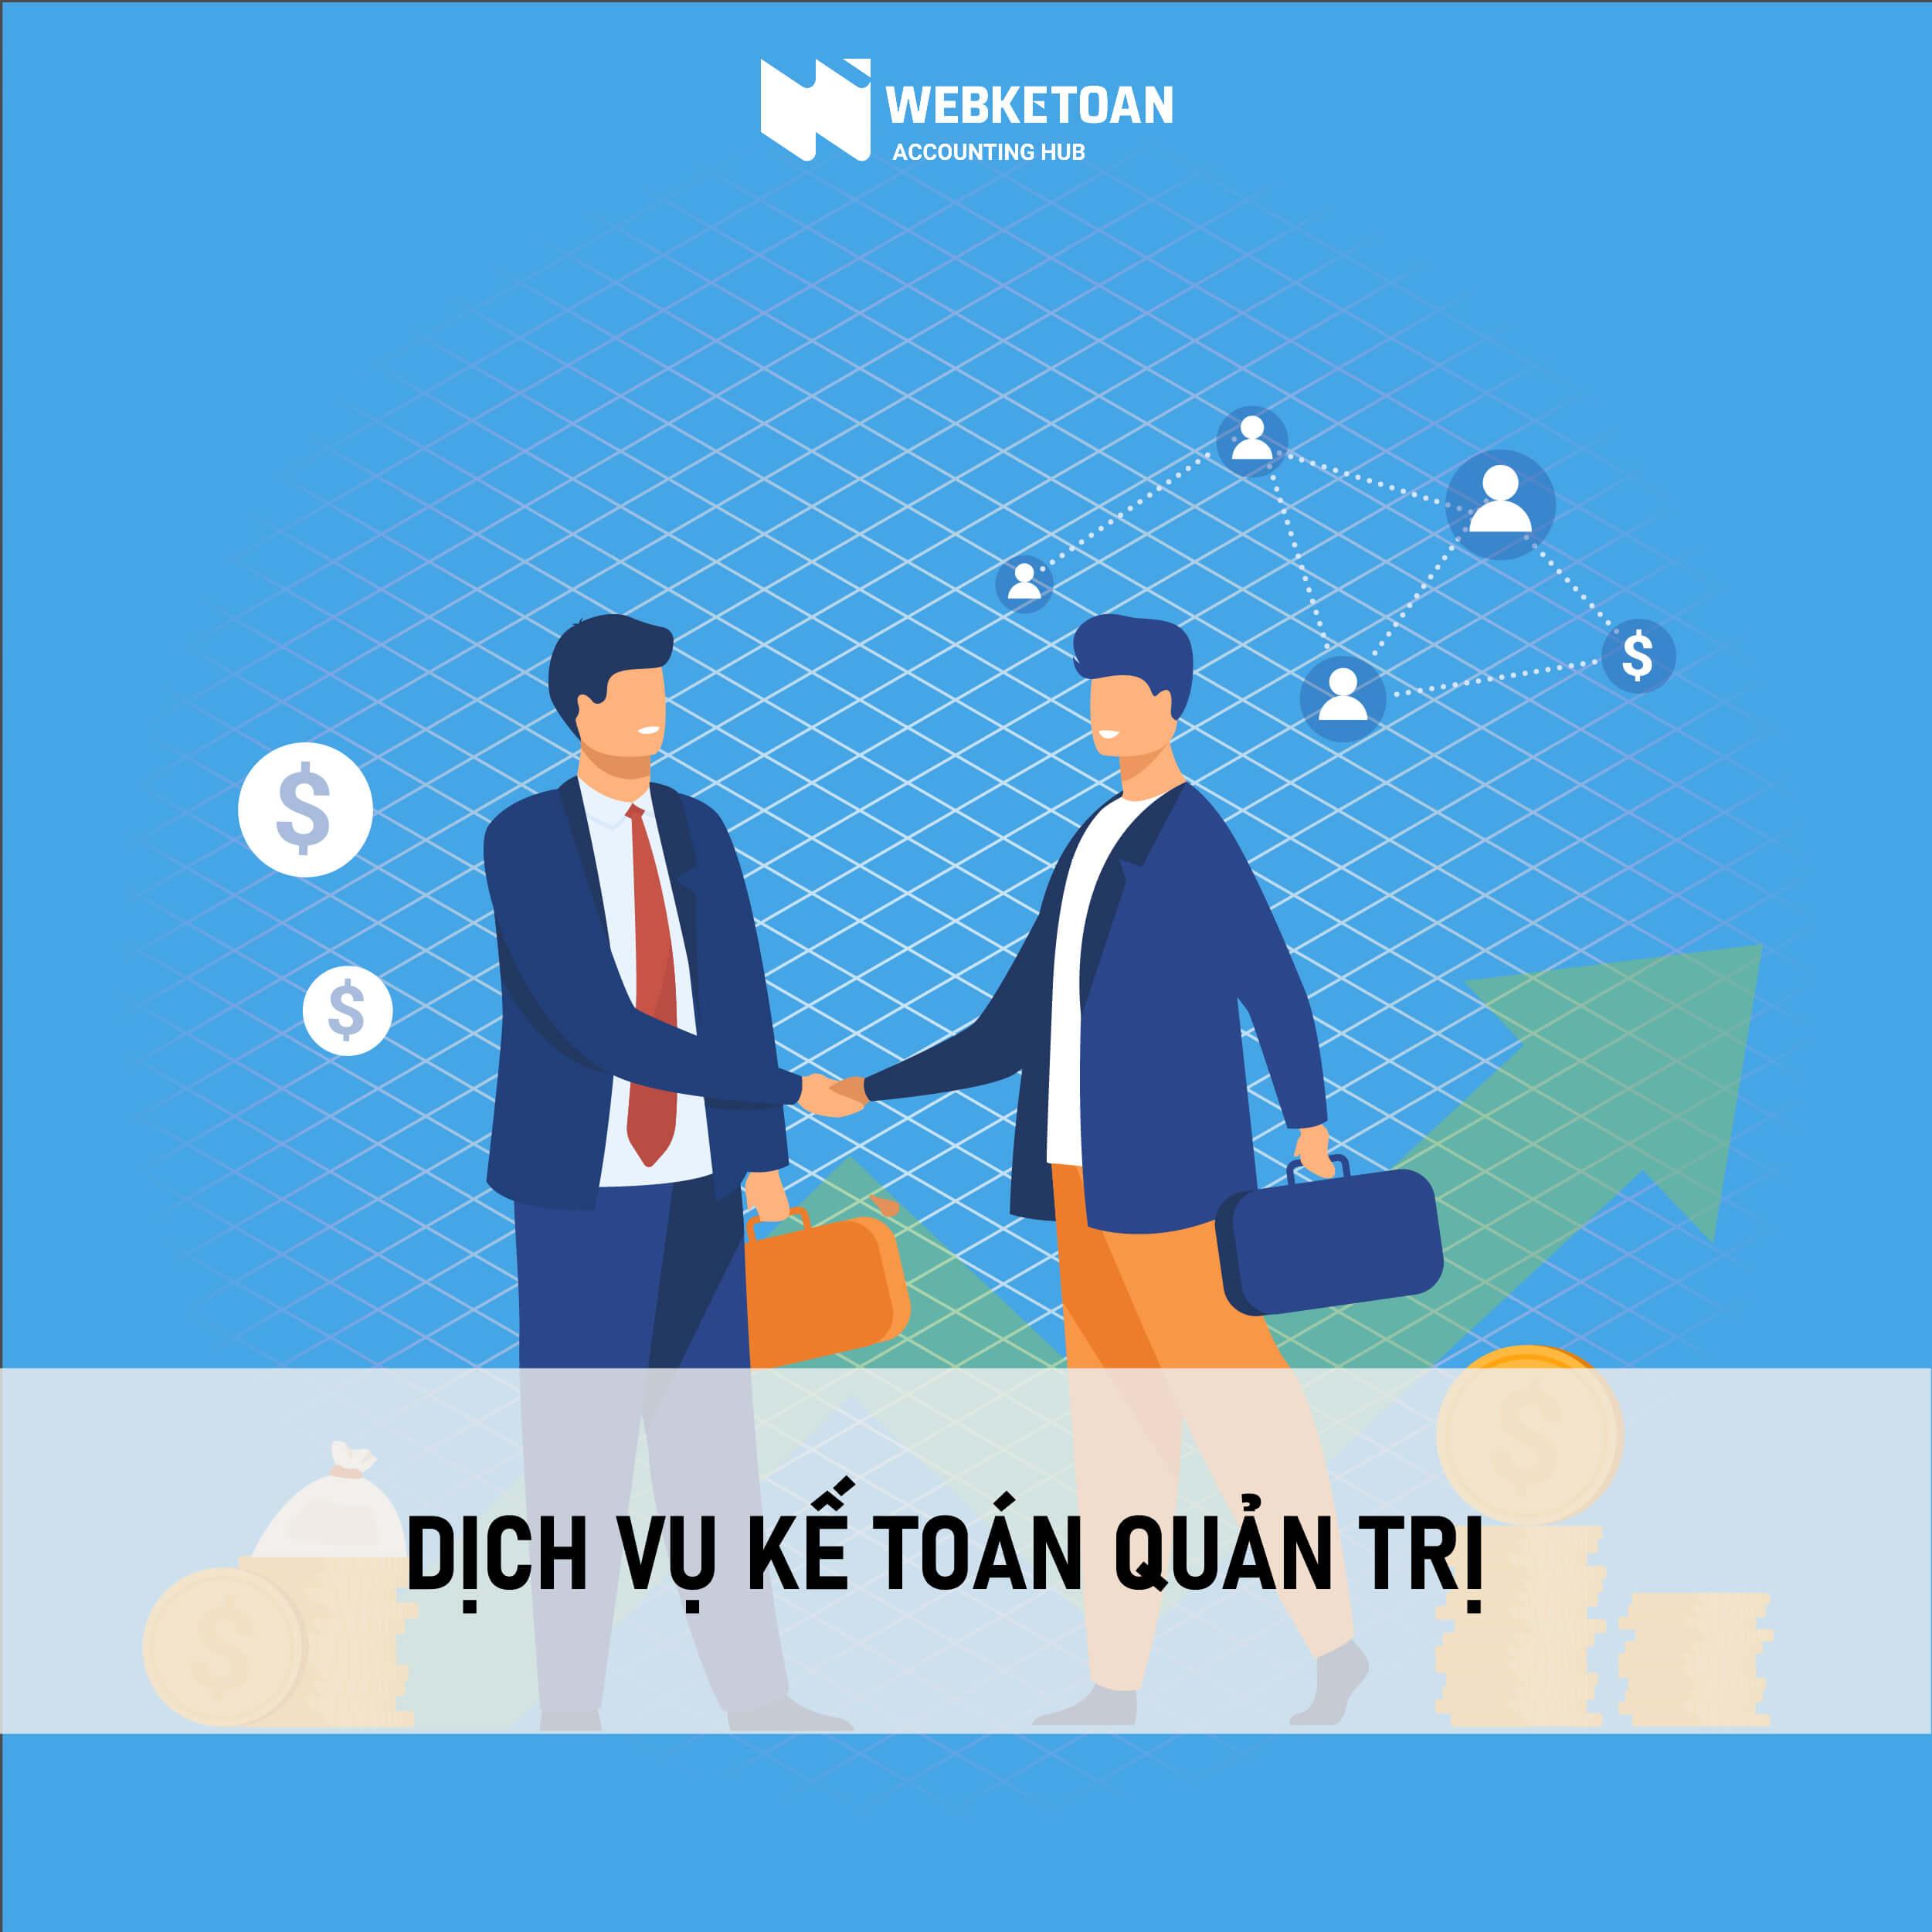 Dịch vụ kế toán quản trị